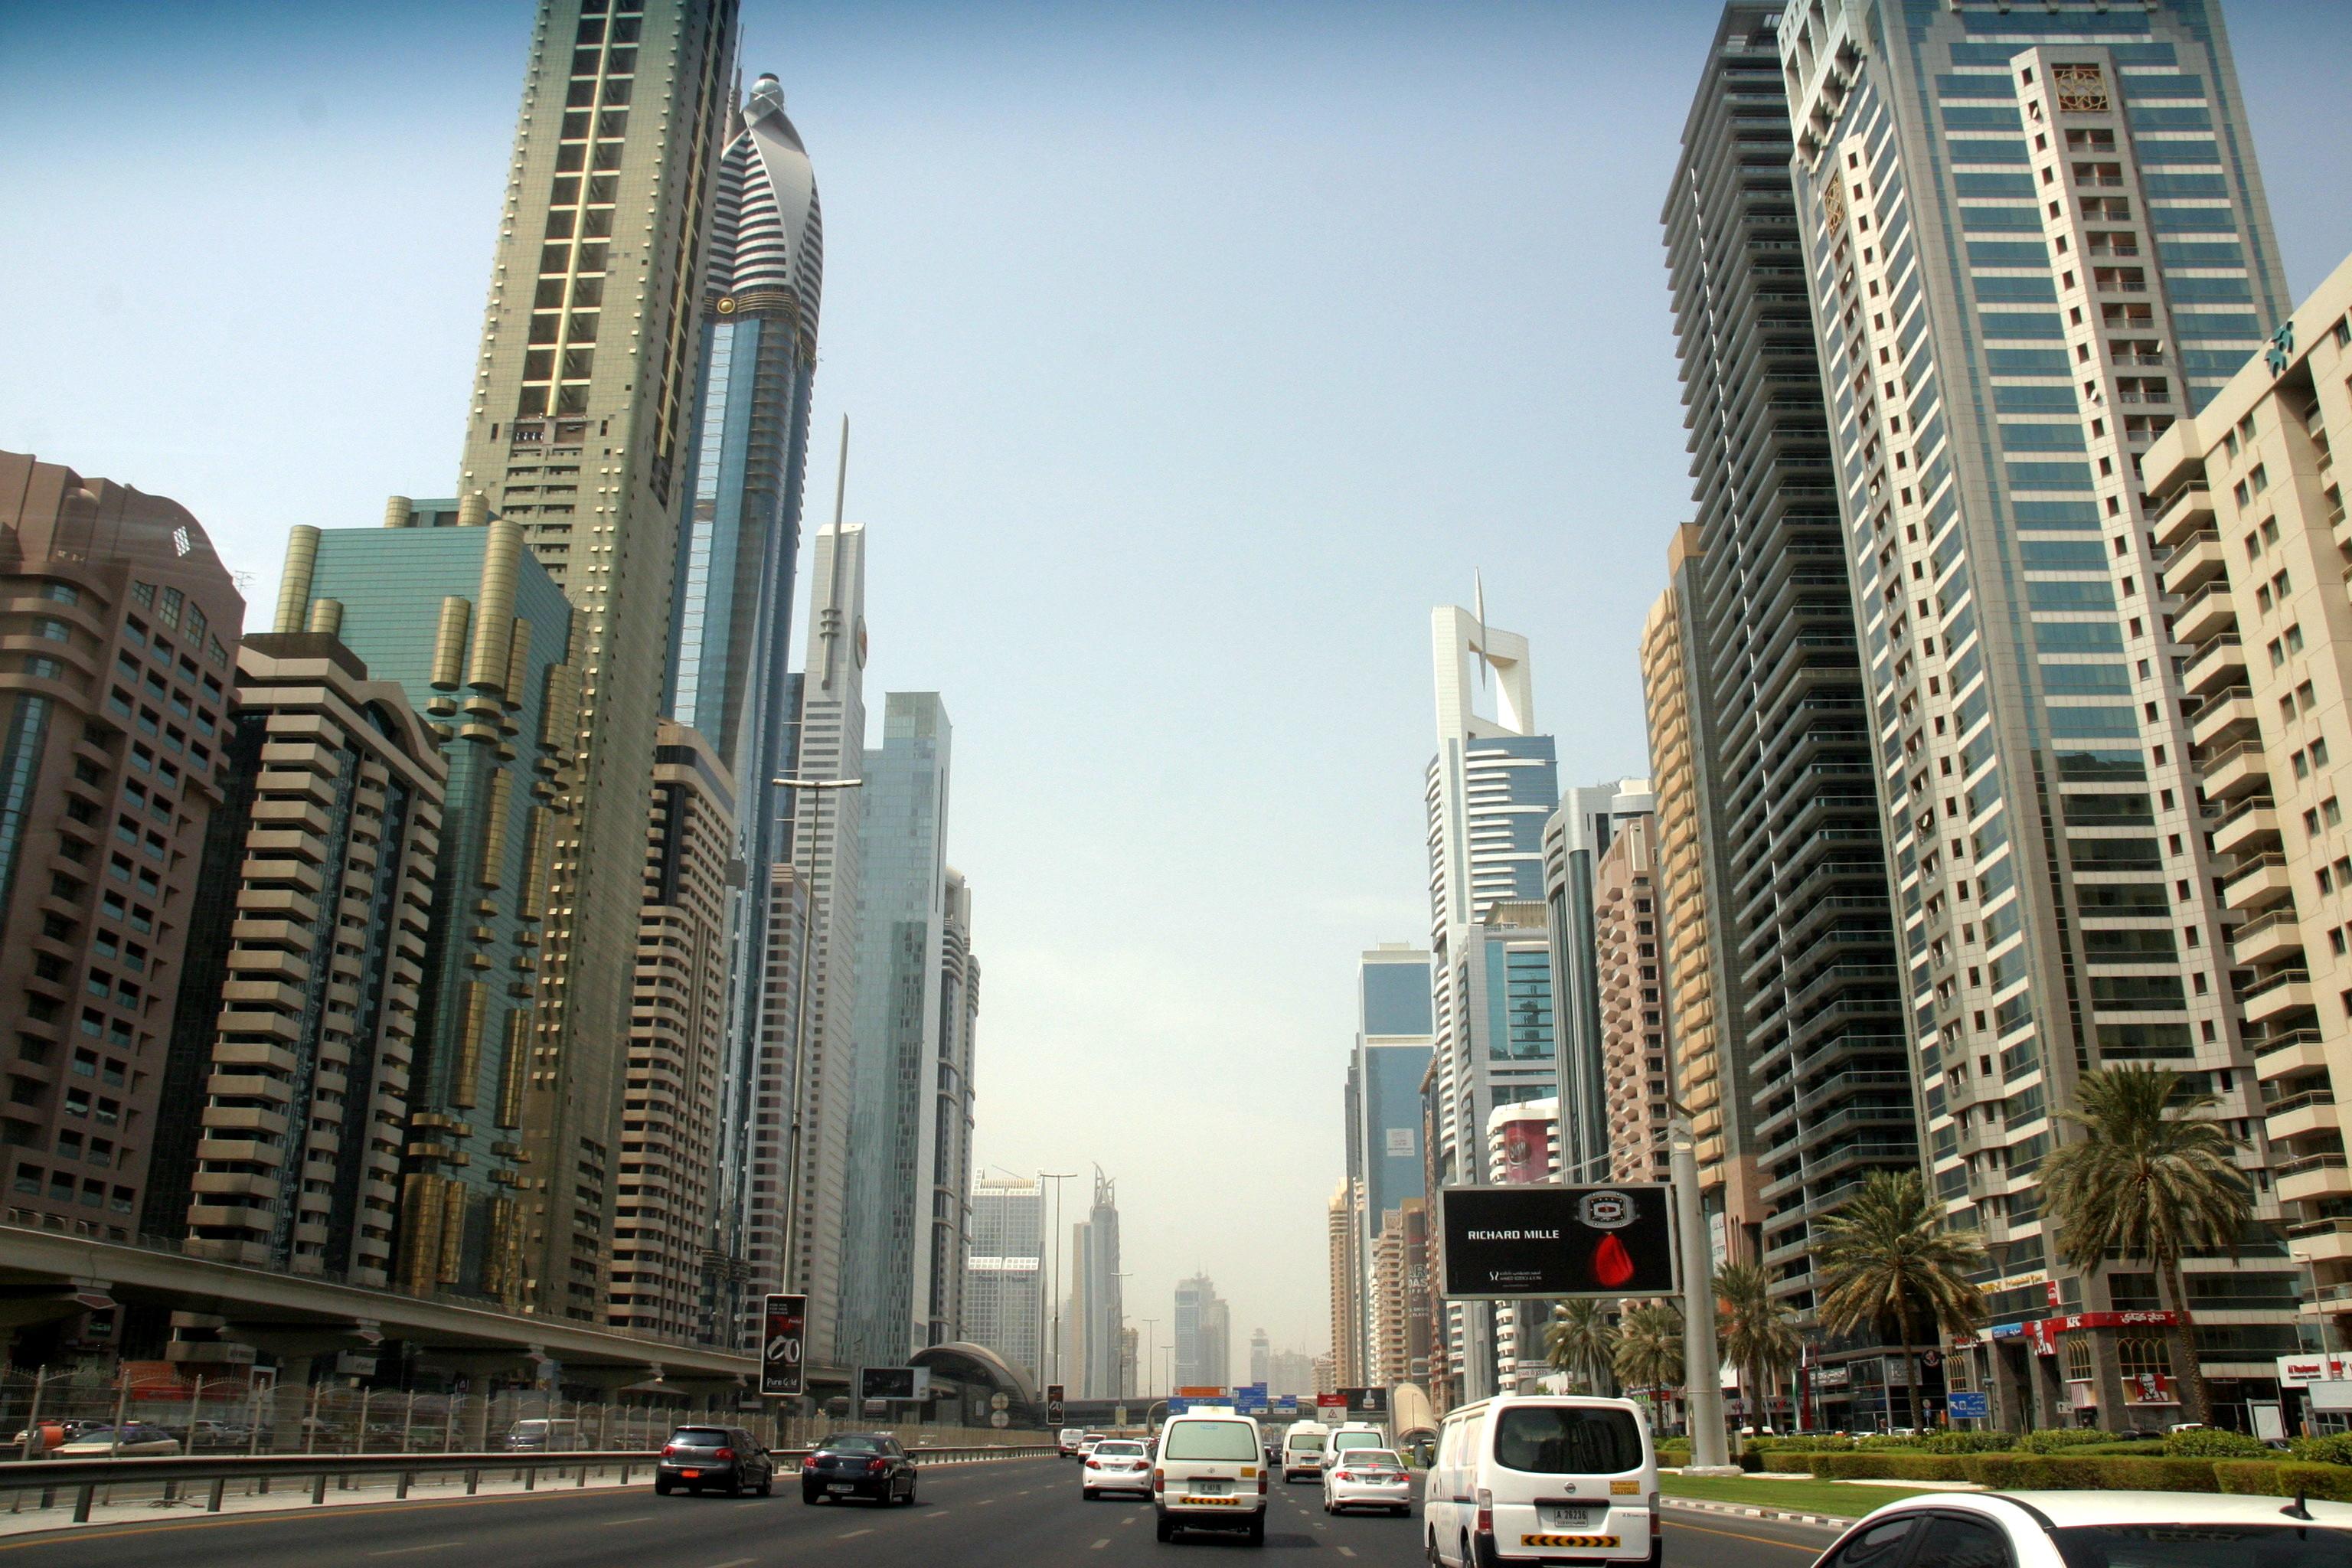 Dubaj emirátus: az államalapító Sheik Zayed bin Sultan al Nahyan-ról elnevezett főút vezet keresztül Dubajon, mellette és a közelében sorakozik az üzleti élet felhőkarcolóinak többsége, a legszélesebb helyen 16 sávos és a 2-es metró megy végig az út mentén